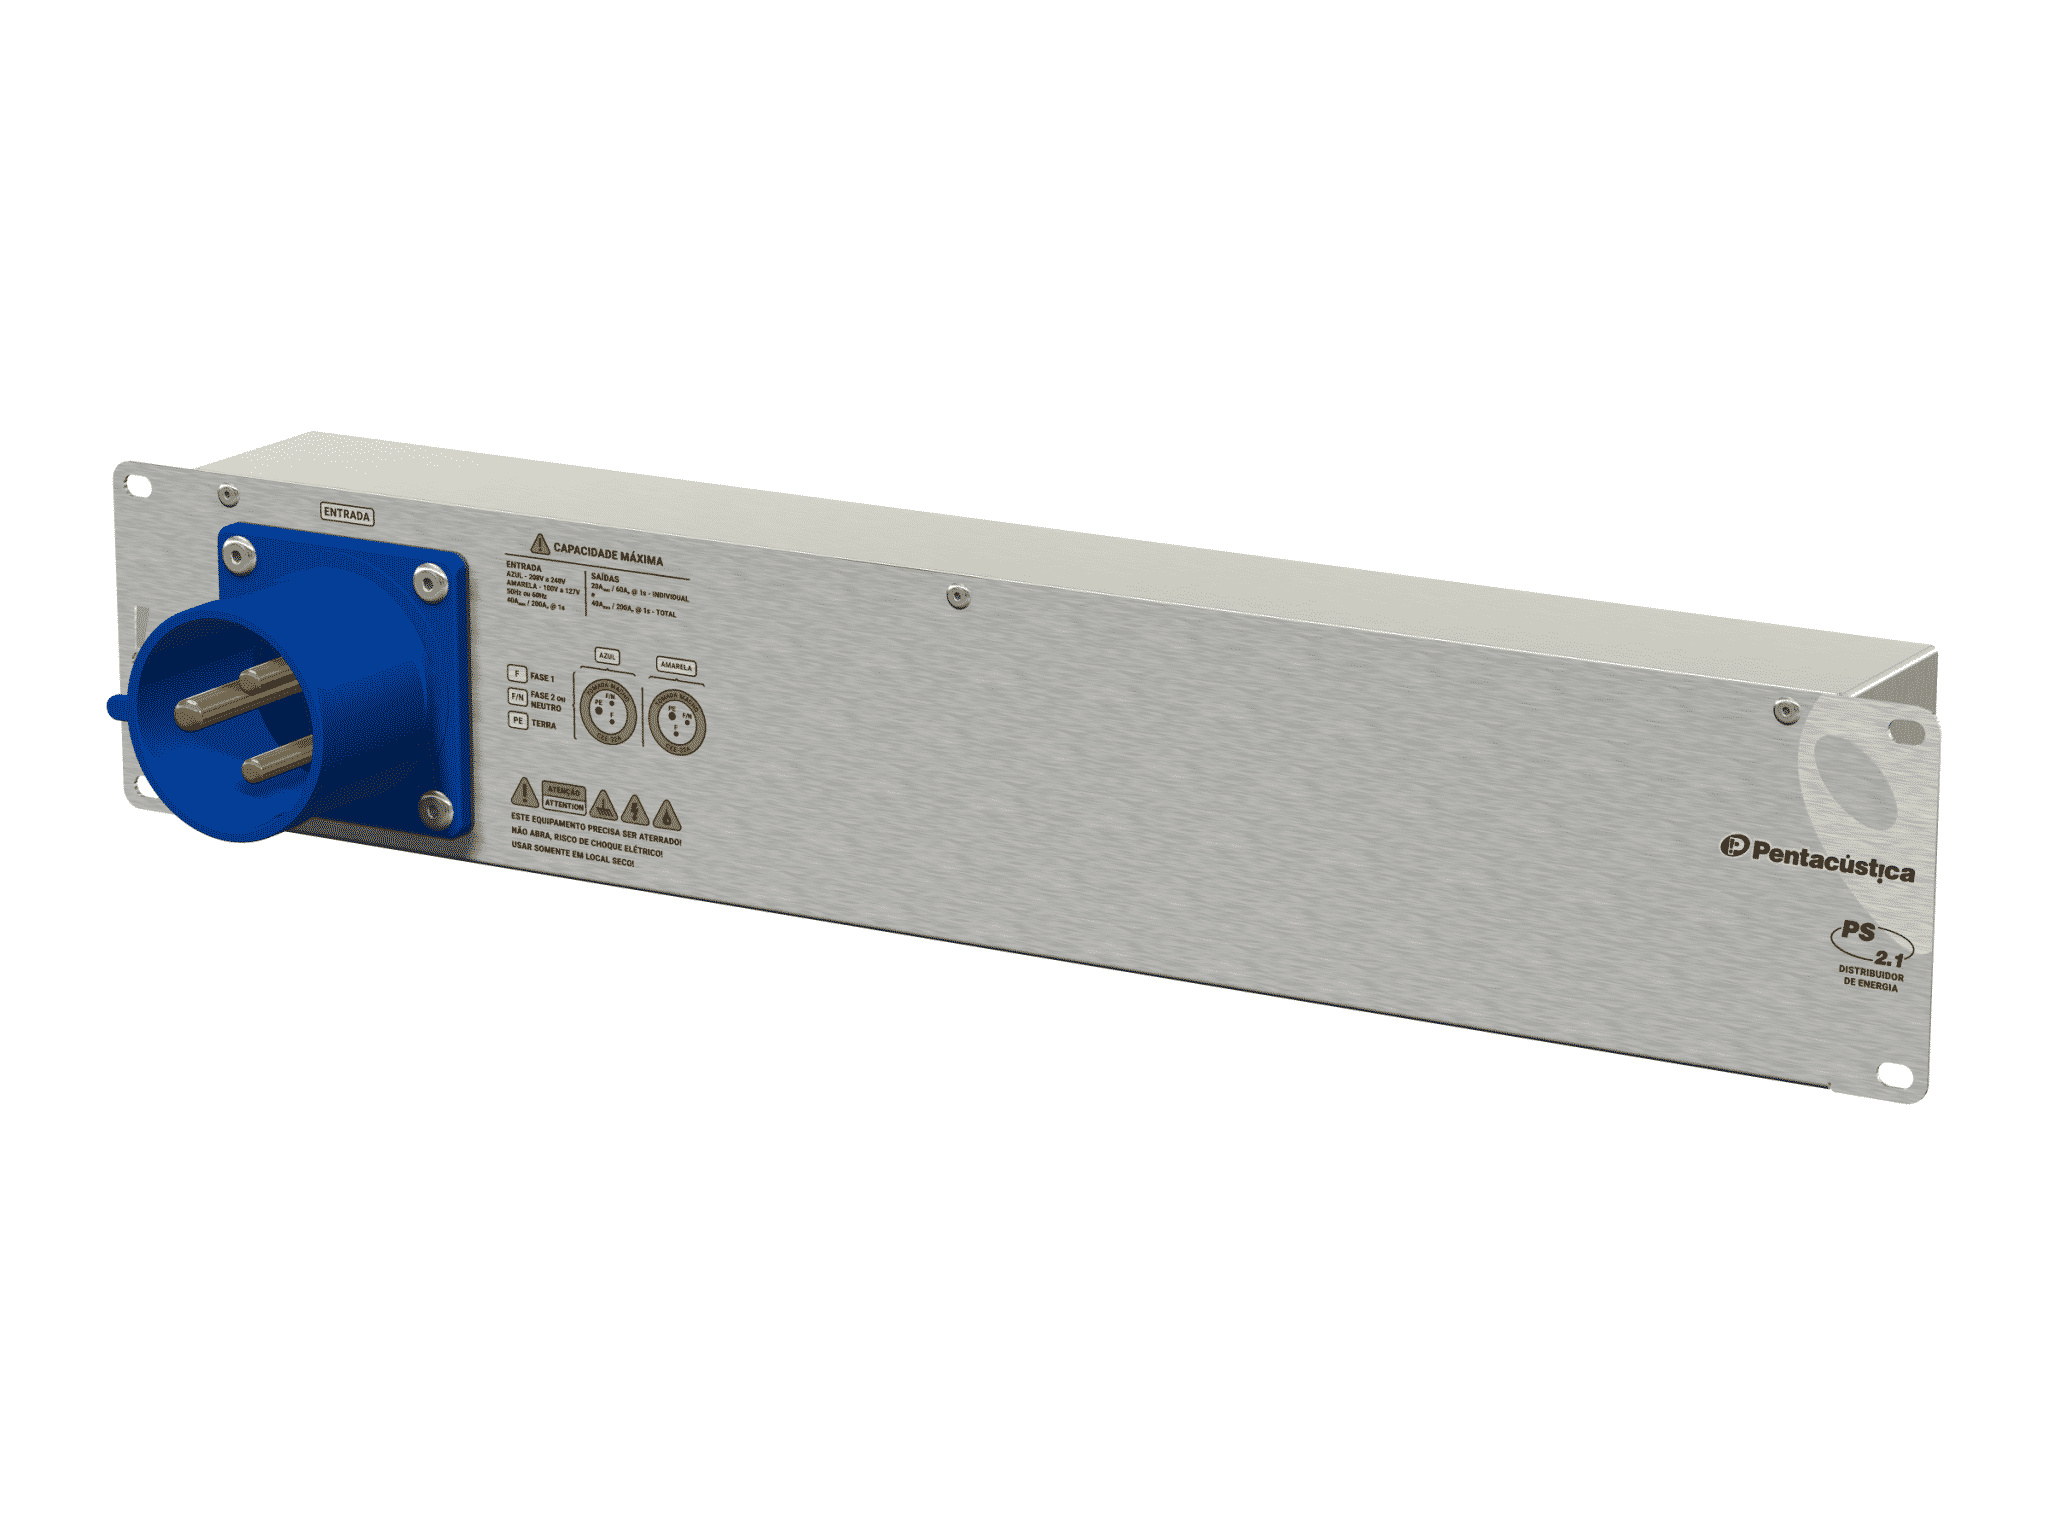 Pentacústica PS-2.1_NBR_220V_IM100613